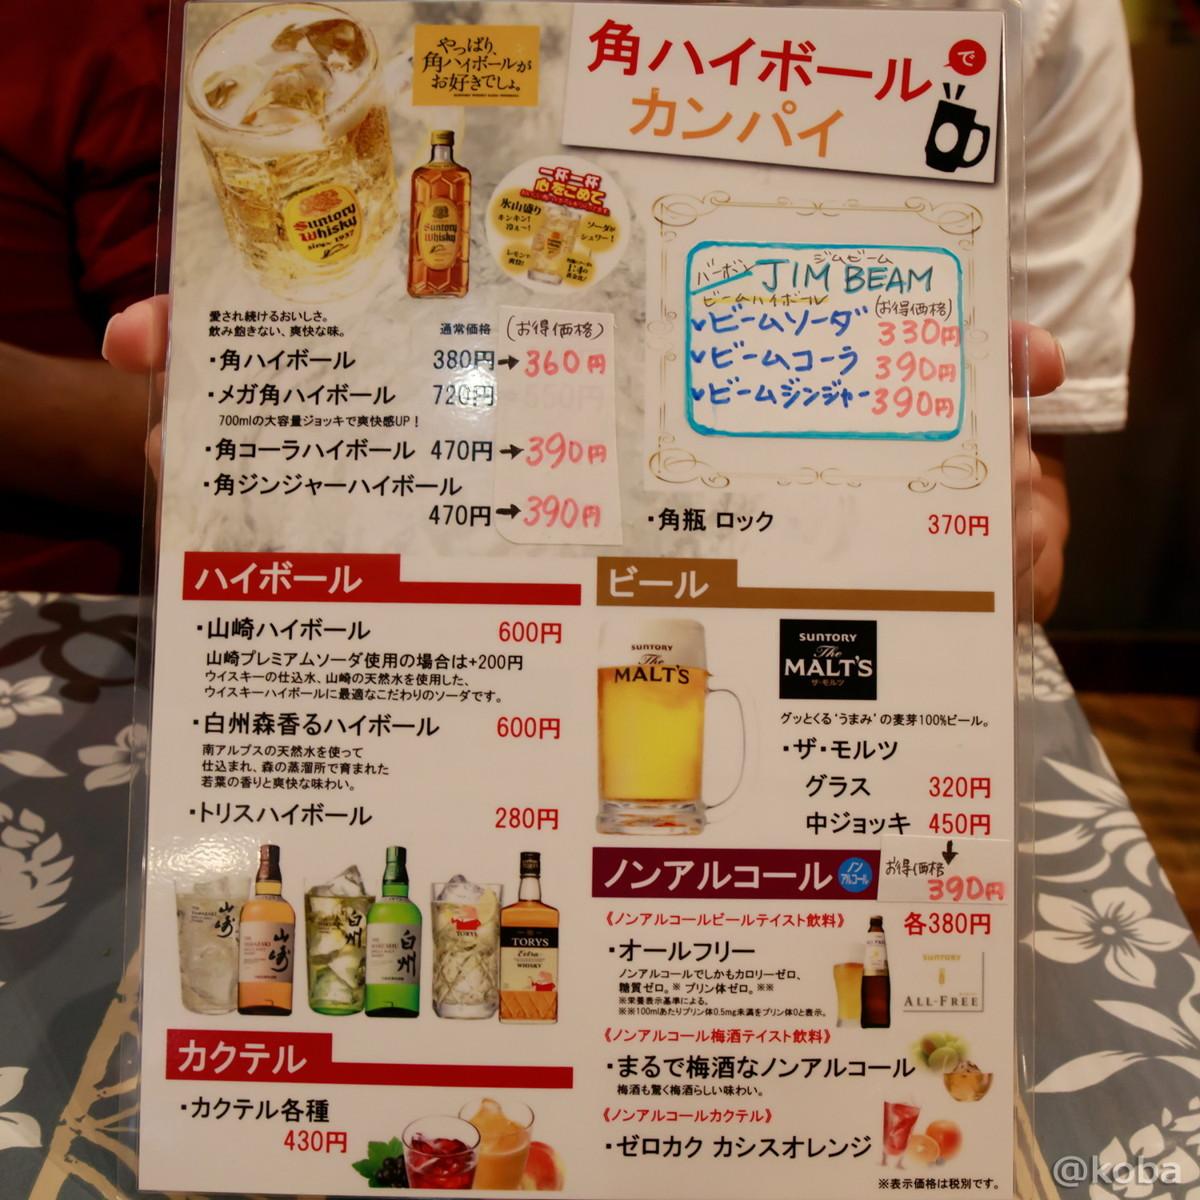 ドリンクメニュー 値段 金額 価格_千葉県 鎌ヶ谷 Coca(コカ・koka こか) 生パスタ 手づくりピザ イタリアン #生パスタcoca